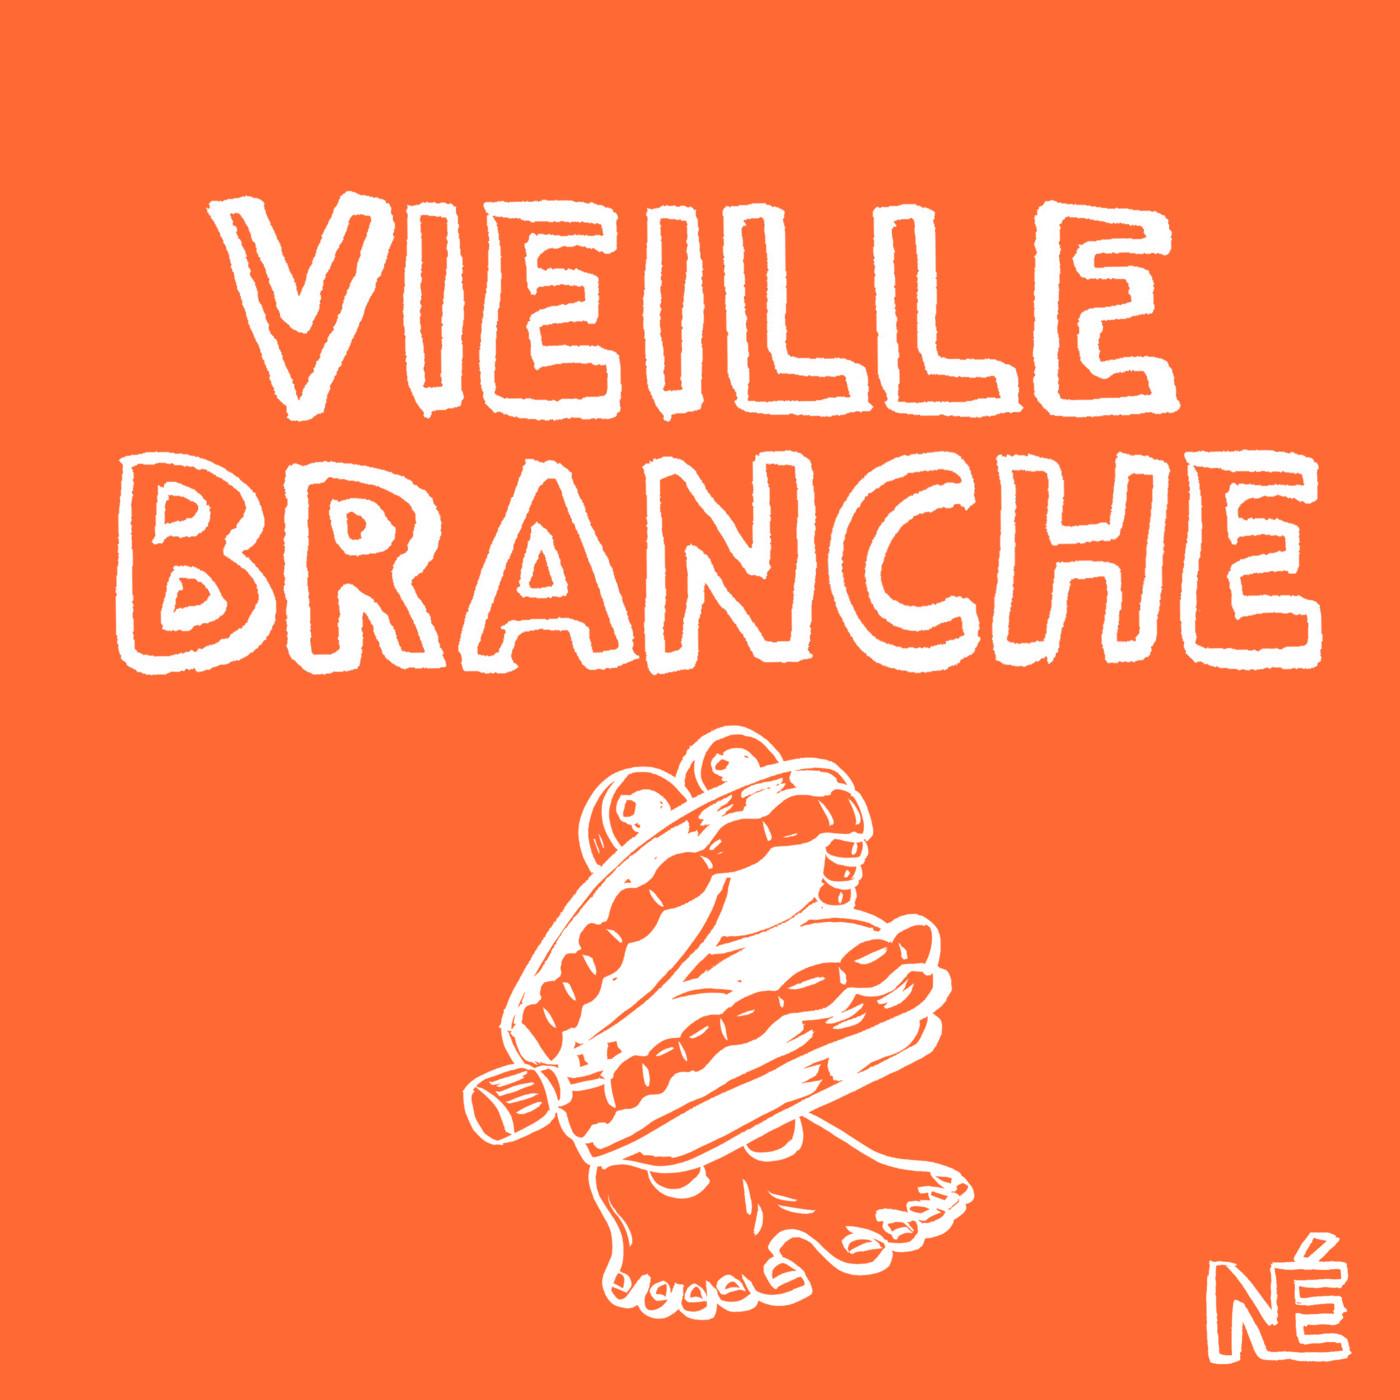 Best-of : Les Vieilles Branches et le combat contre le VIH